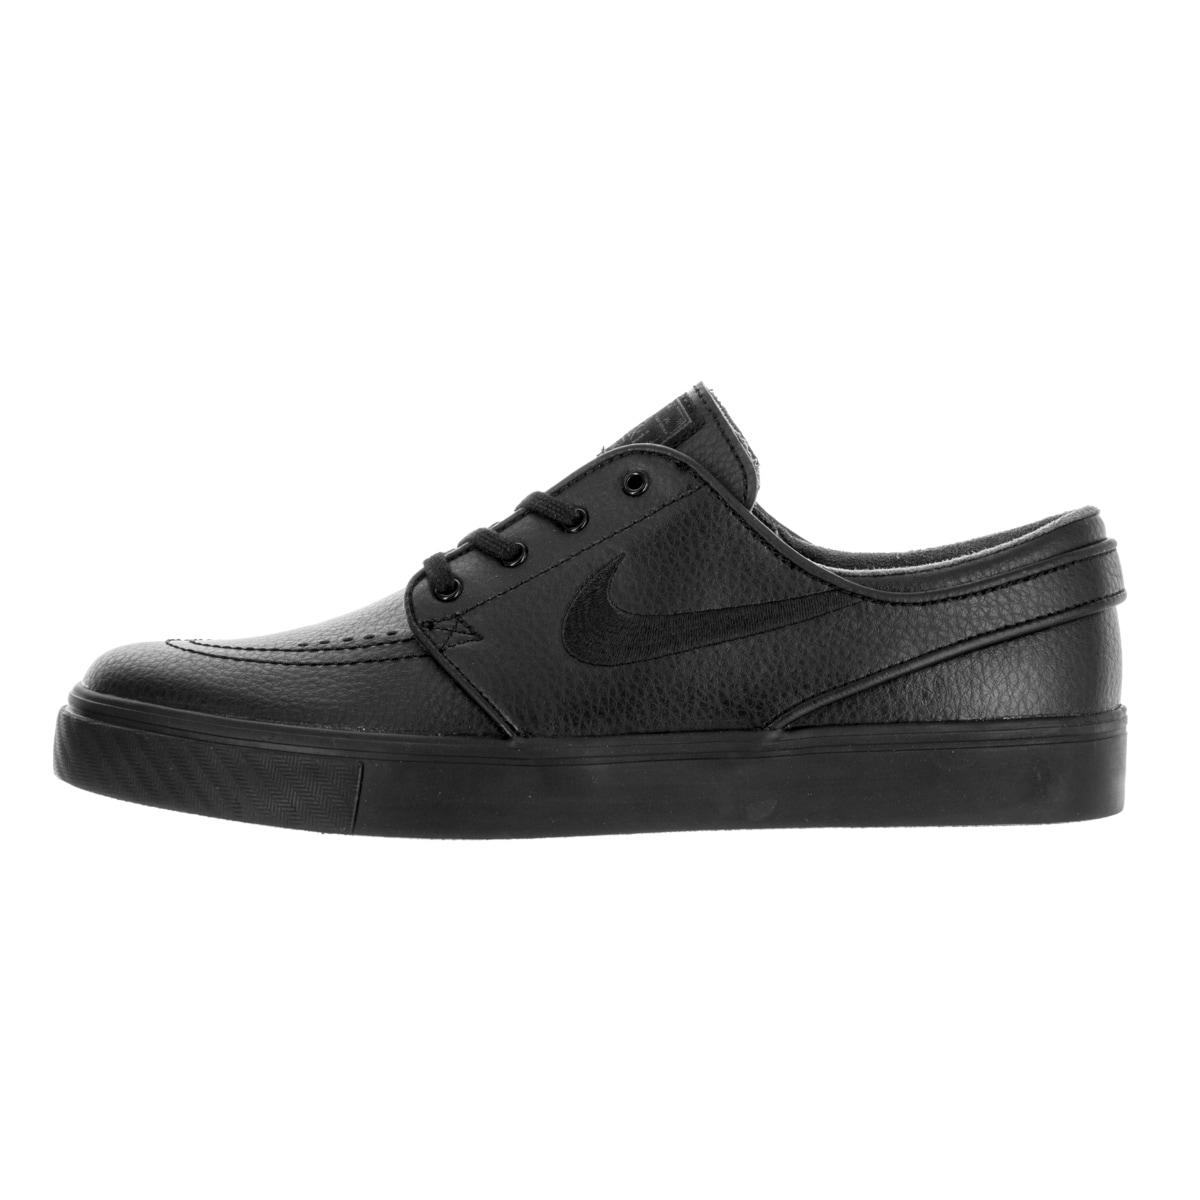 on sale 64216 768af Shop Nike Men s Zoom Stefan Janoski L Black Black Black Anthracite Skate  Shoe - Free Shipping Today - Overstock - 13394172